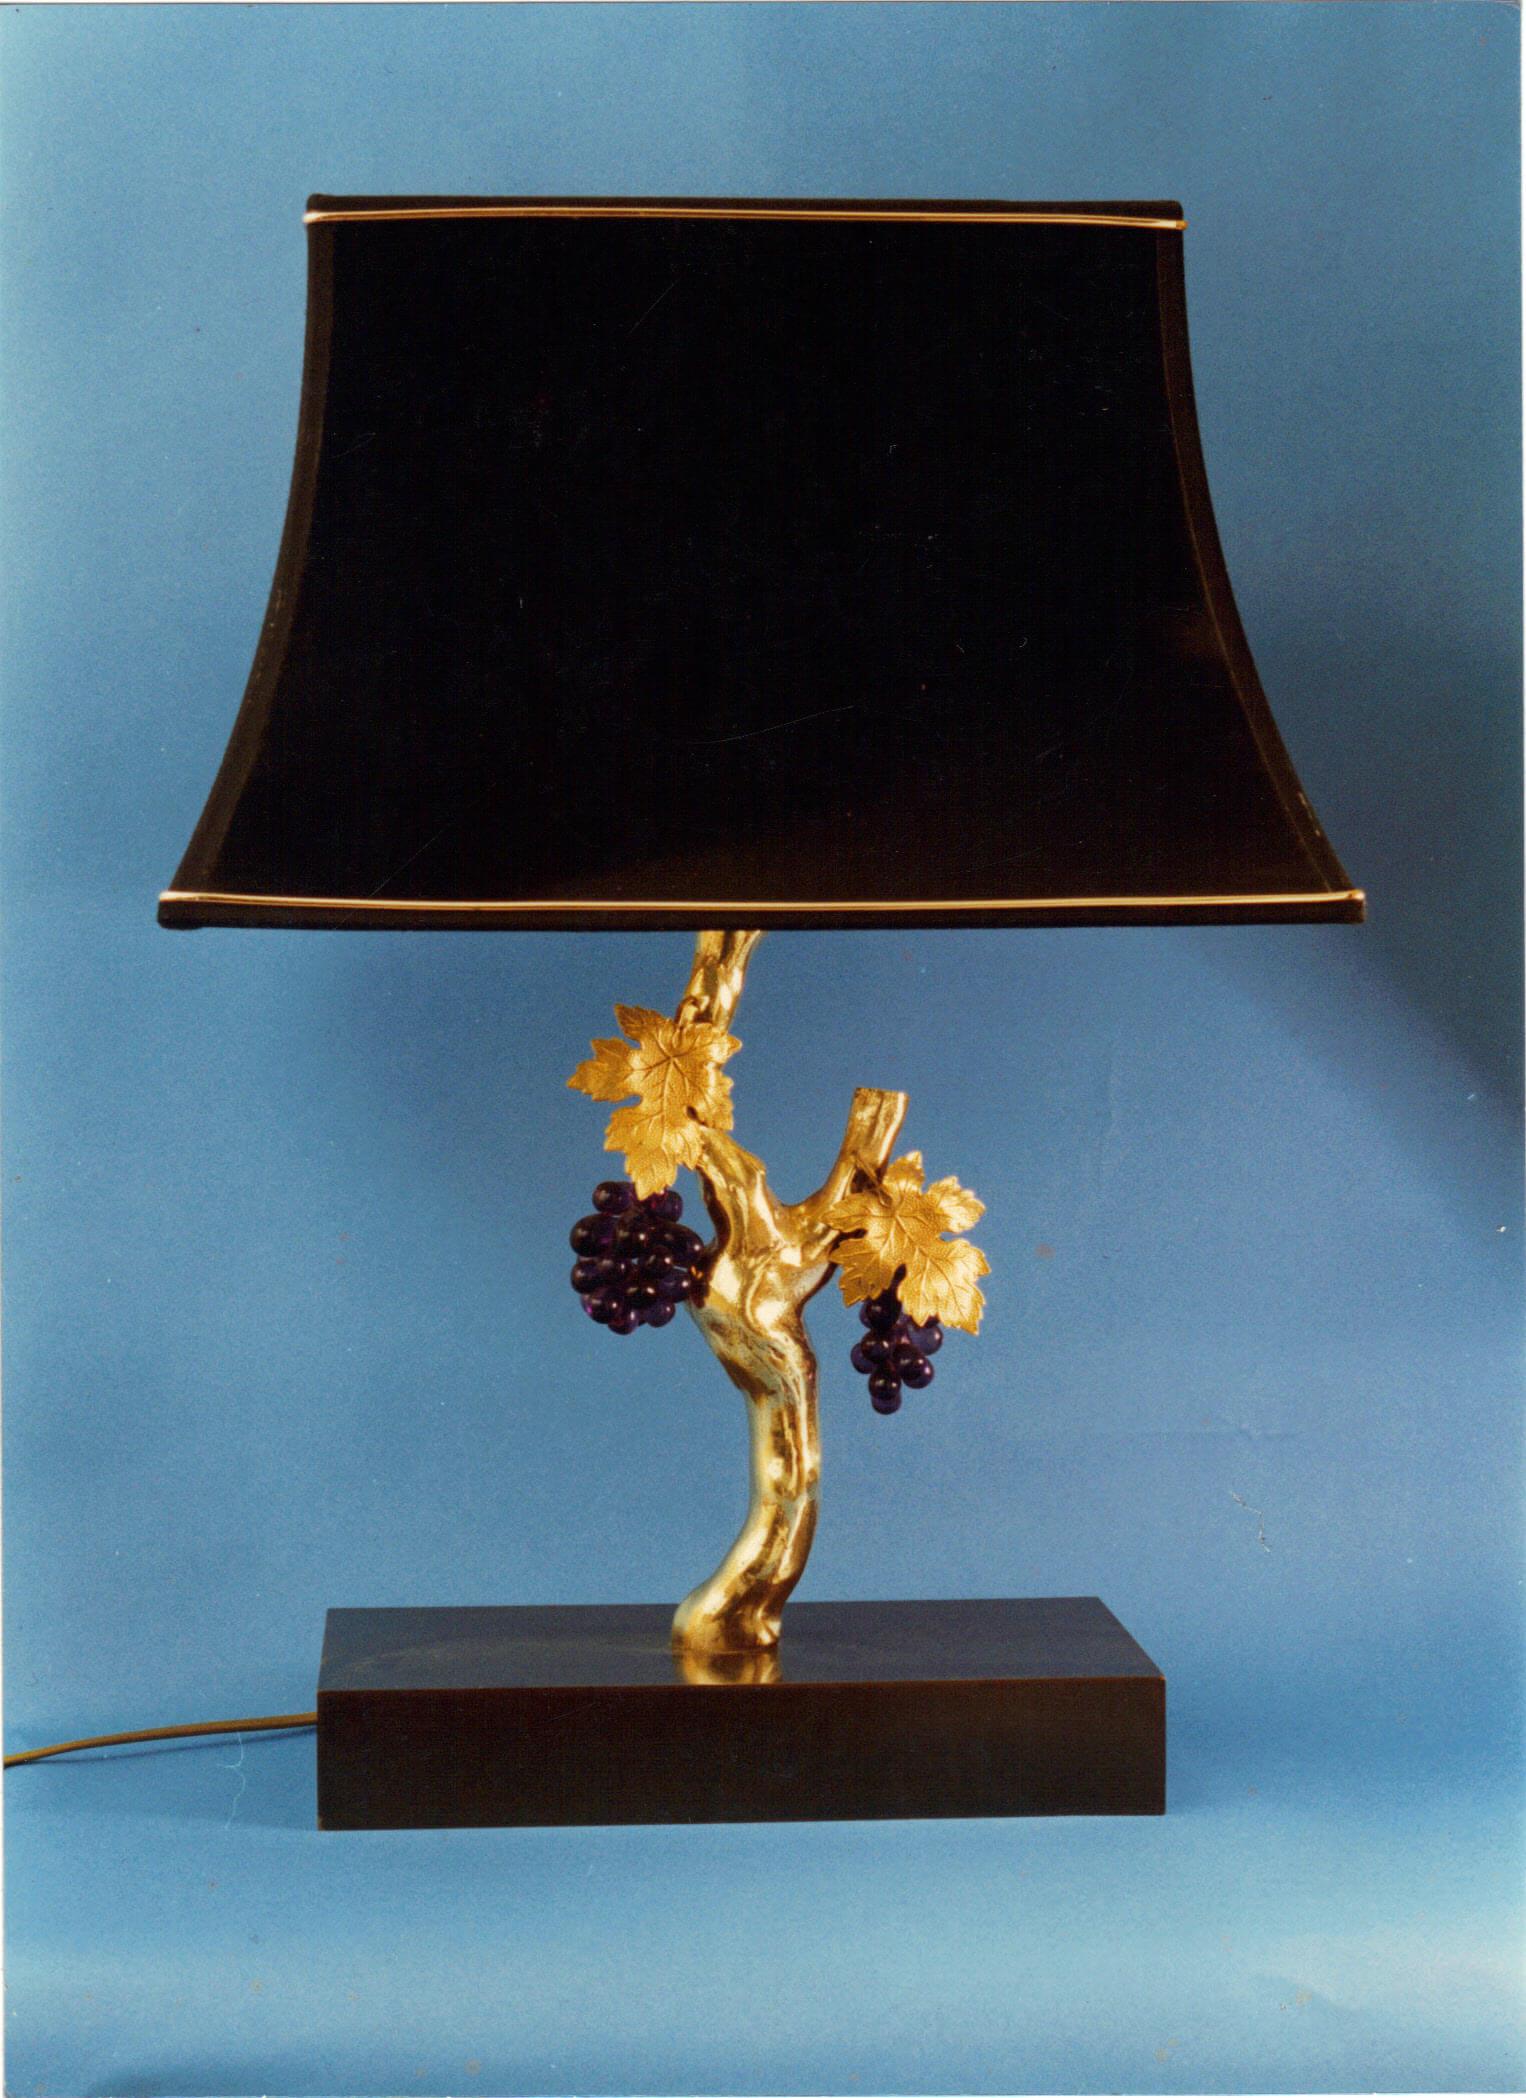 restaurer objet en bronze gironde